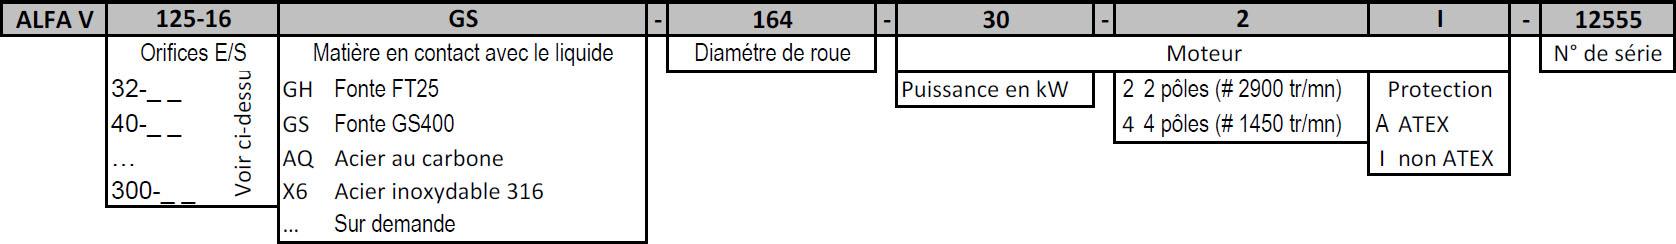 ALFA V-16-FR-7